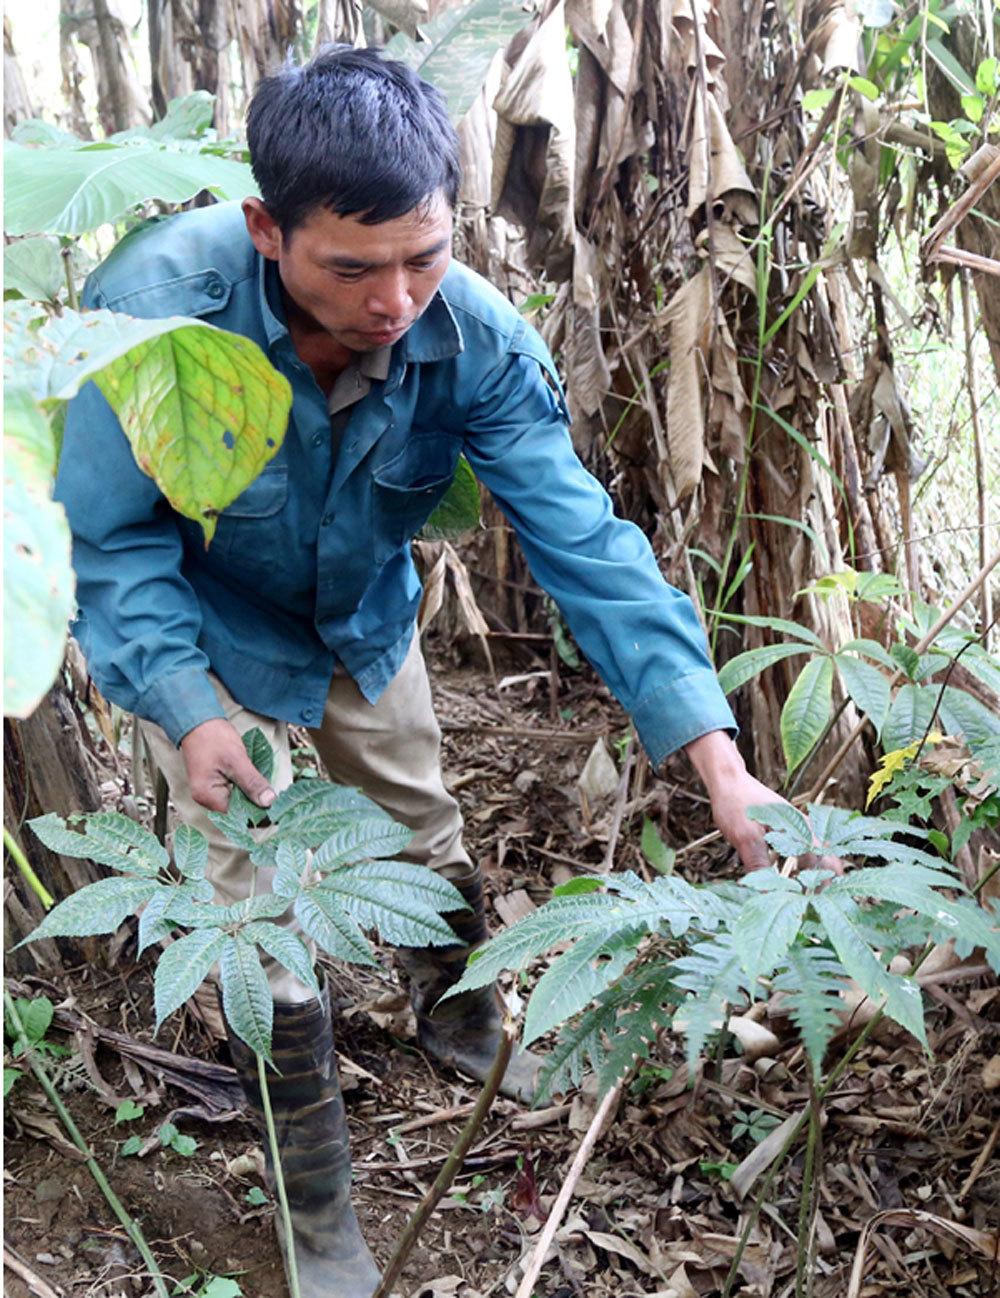 Khu vườn thuốc quý hiếm 'bí ẩn' trên núi, thương lái Trung Quốc đổ tiền săn lùng